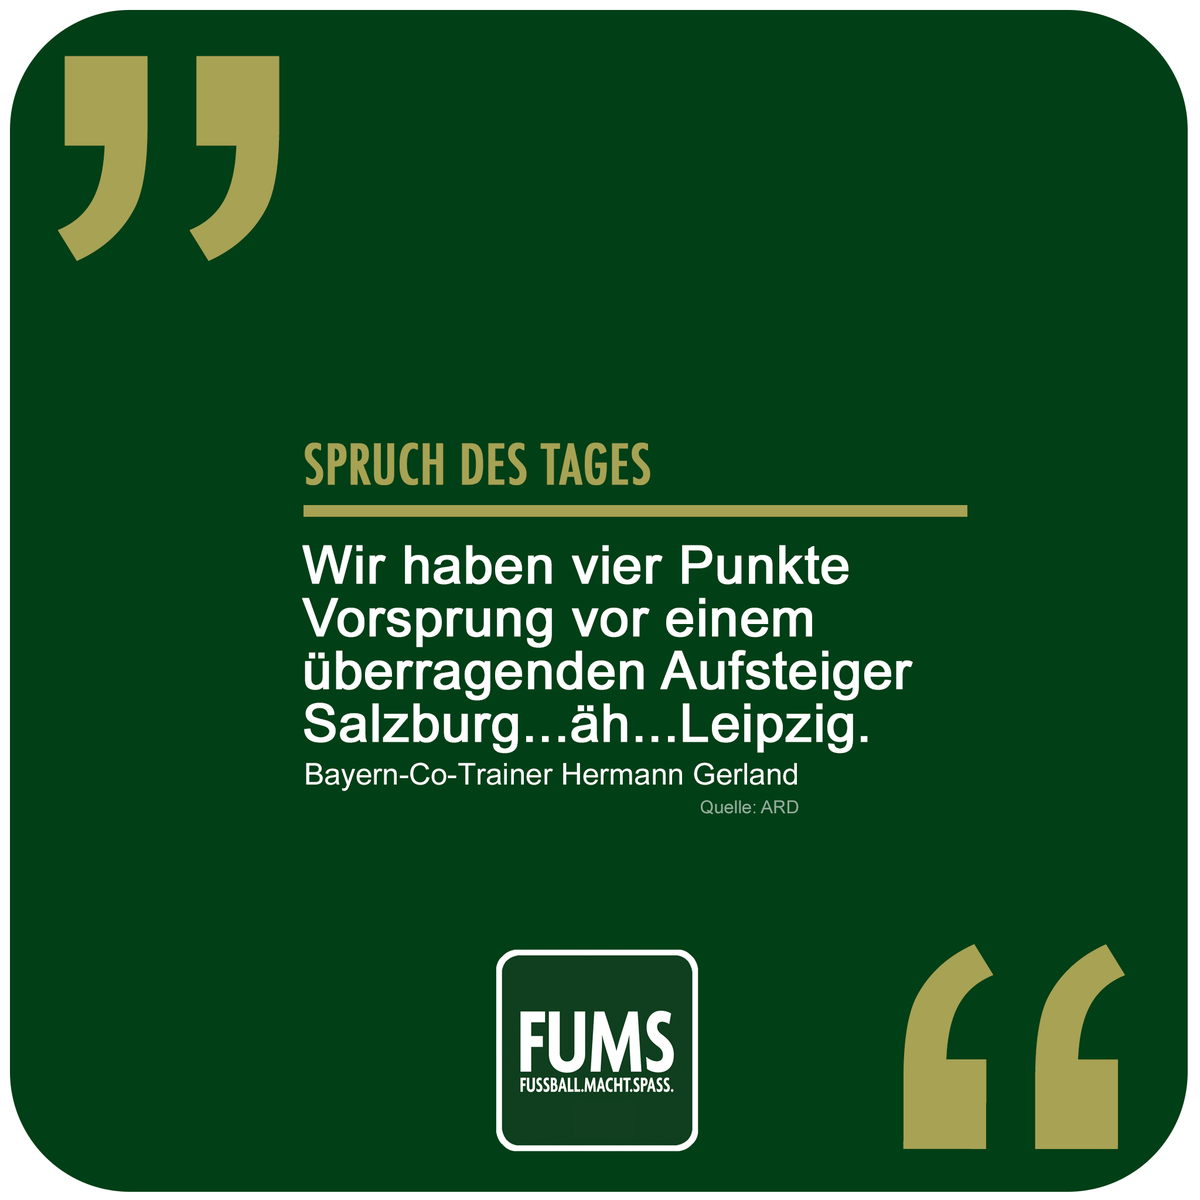 Fums On Twitter Heftig Heute Drei Sprüche Des Tages